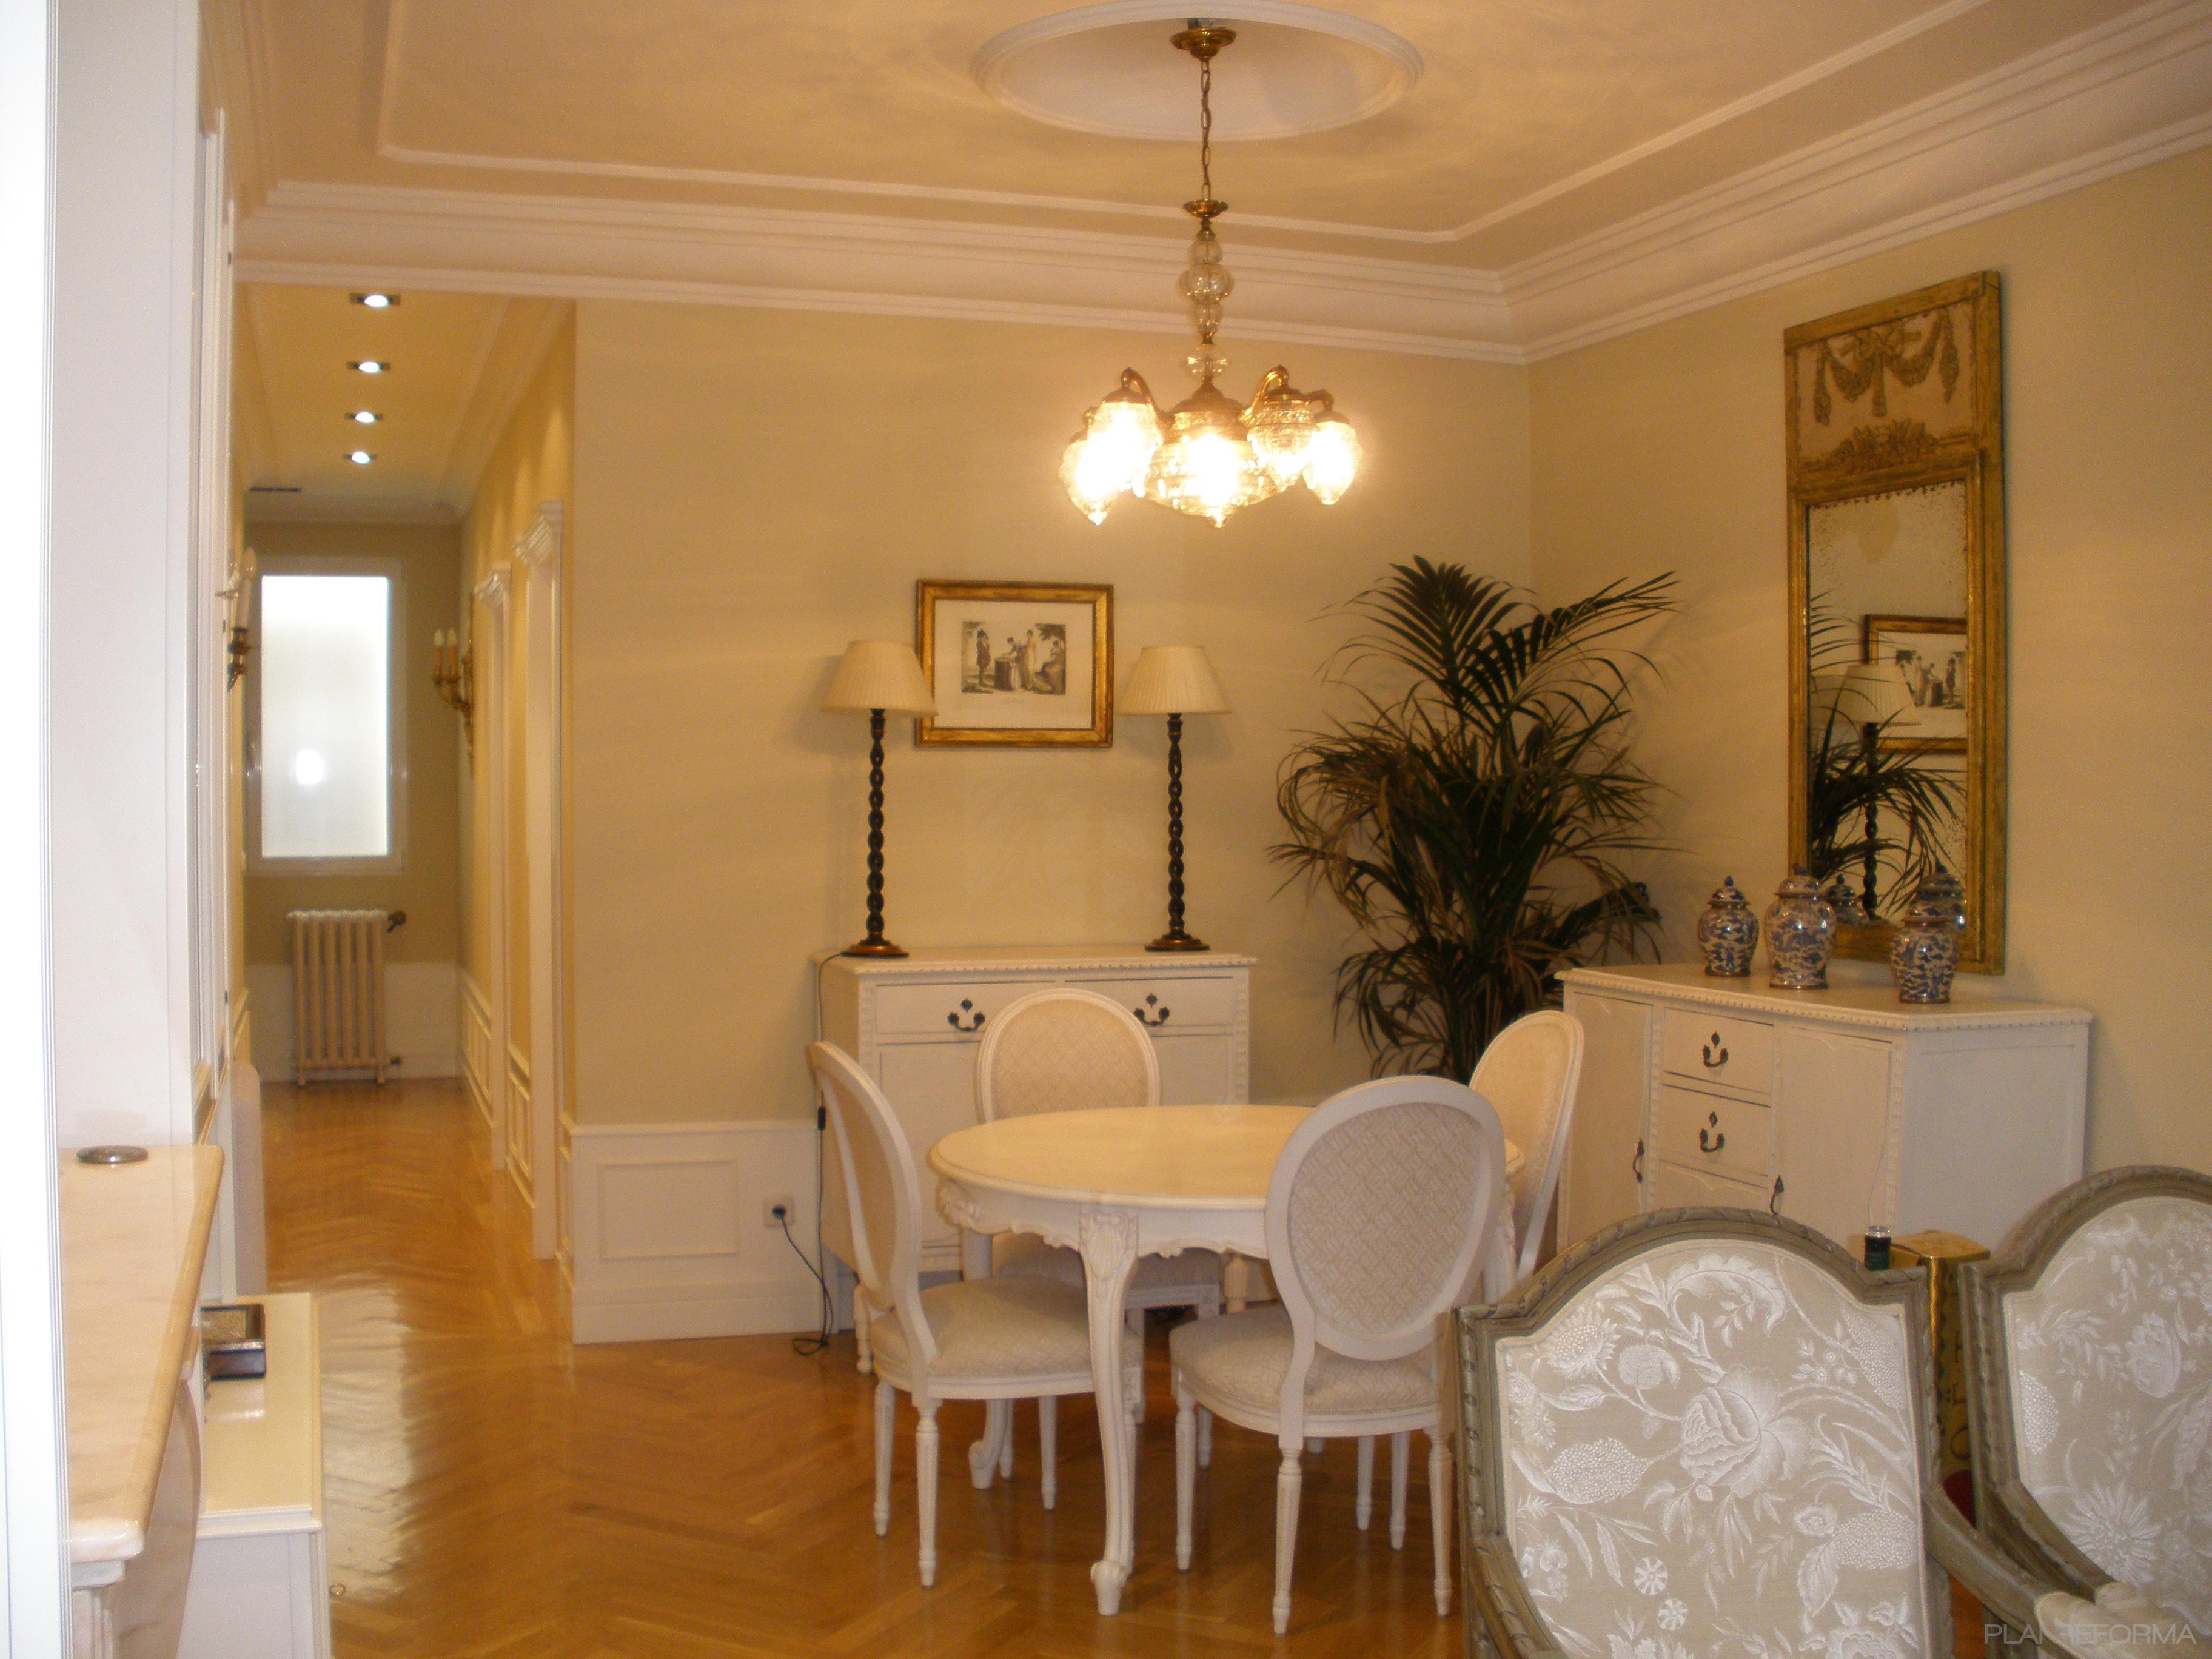 Comedor salon style clasico color beige beige blanco for Decoracion comedor clasico